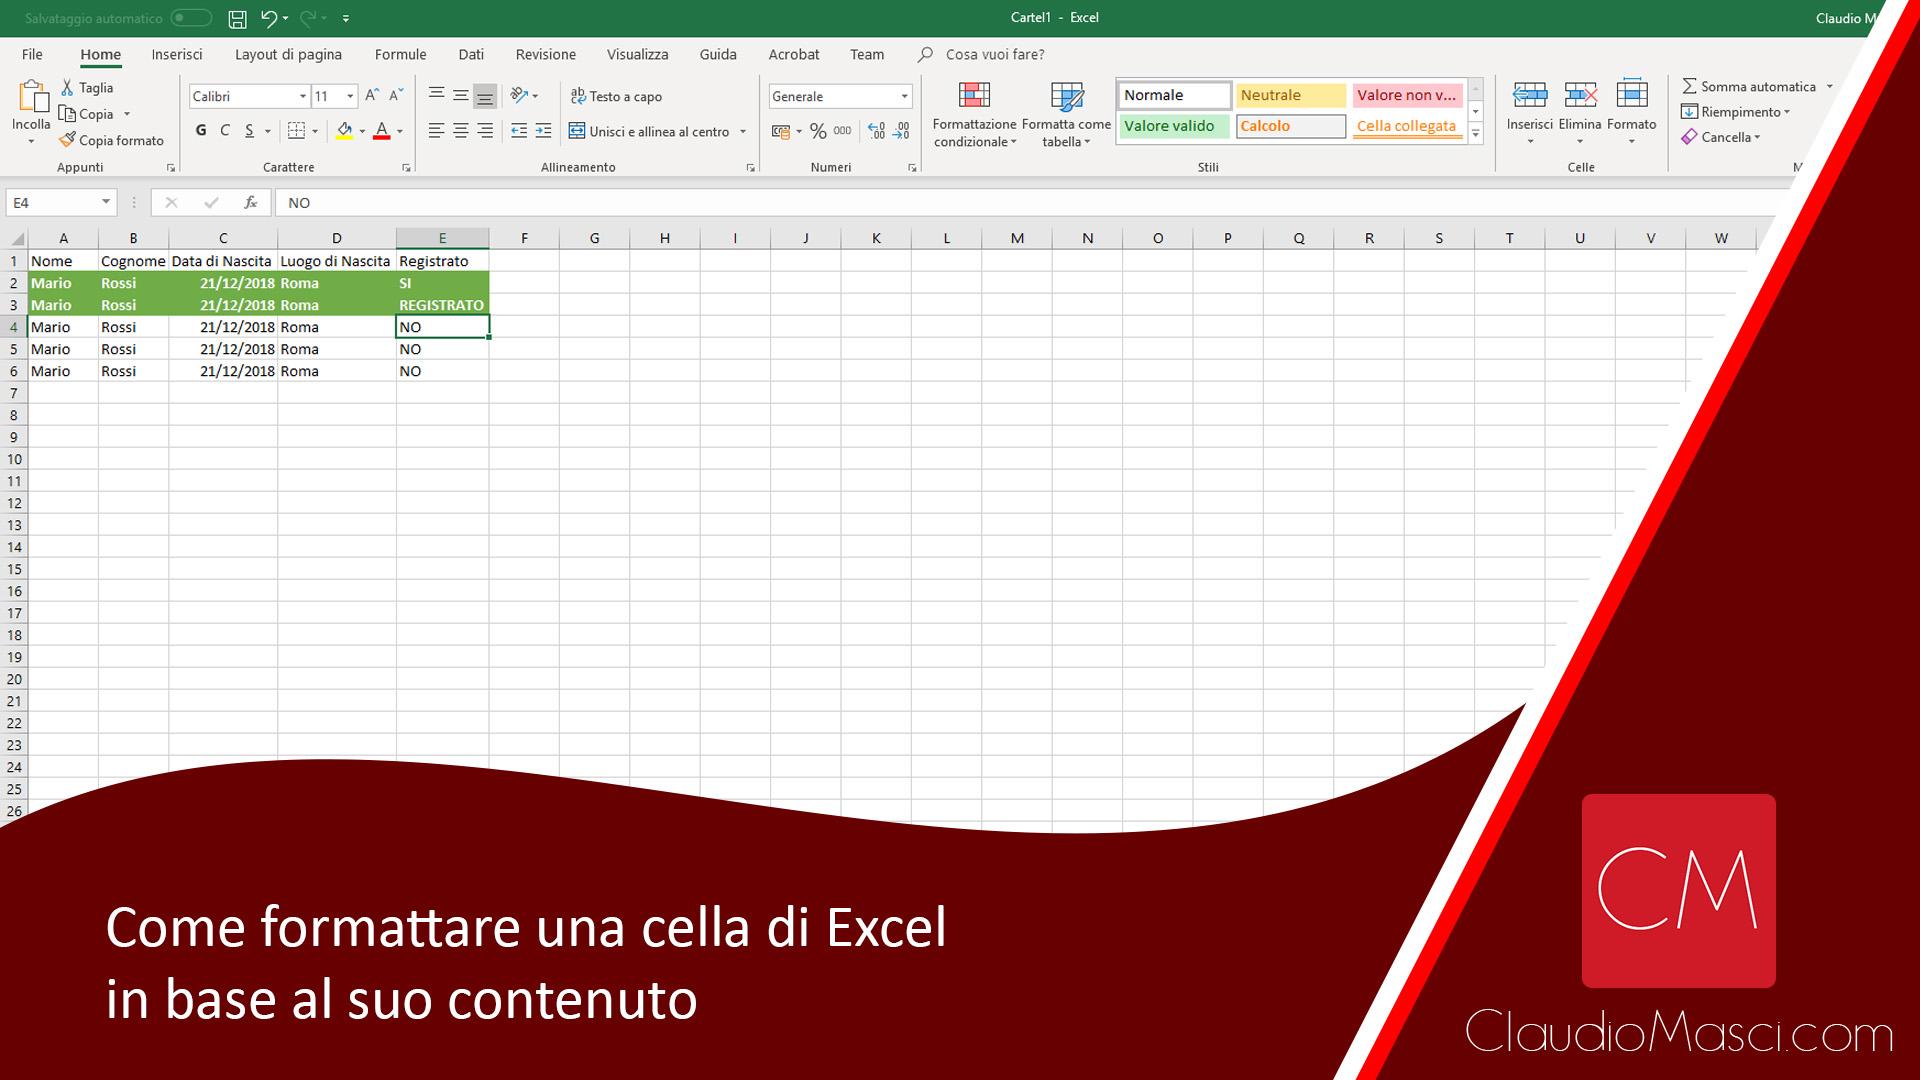 Come formattare una cella Excel in base al suo contenuto